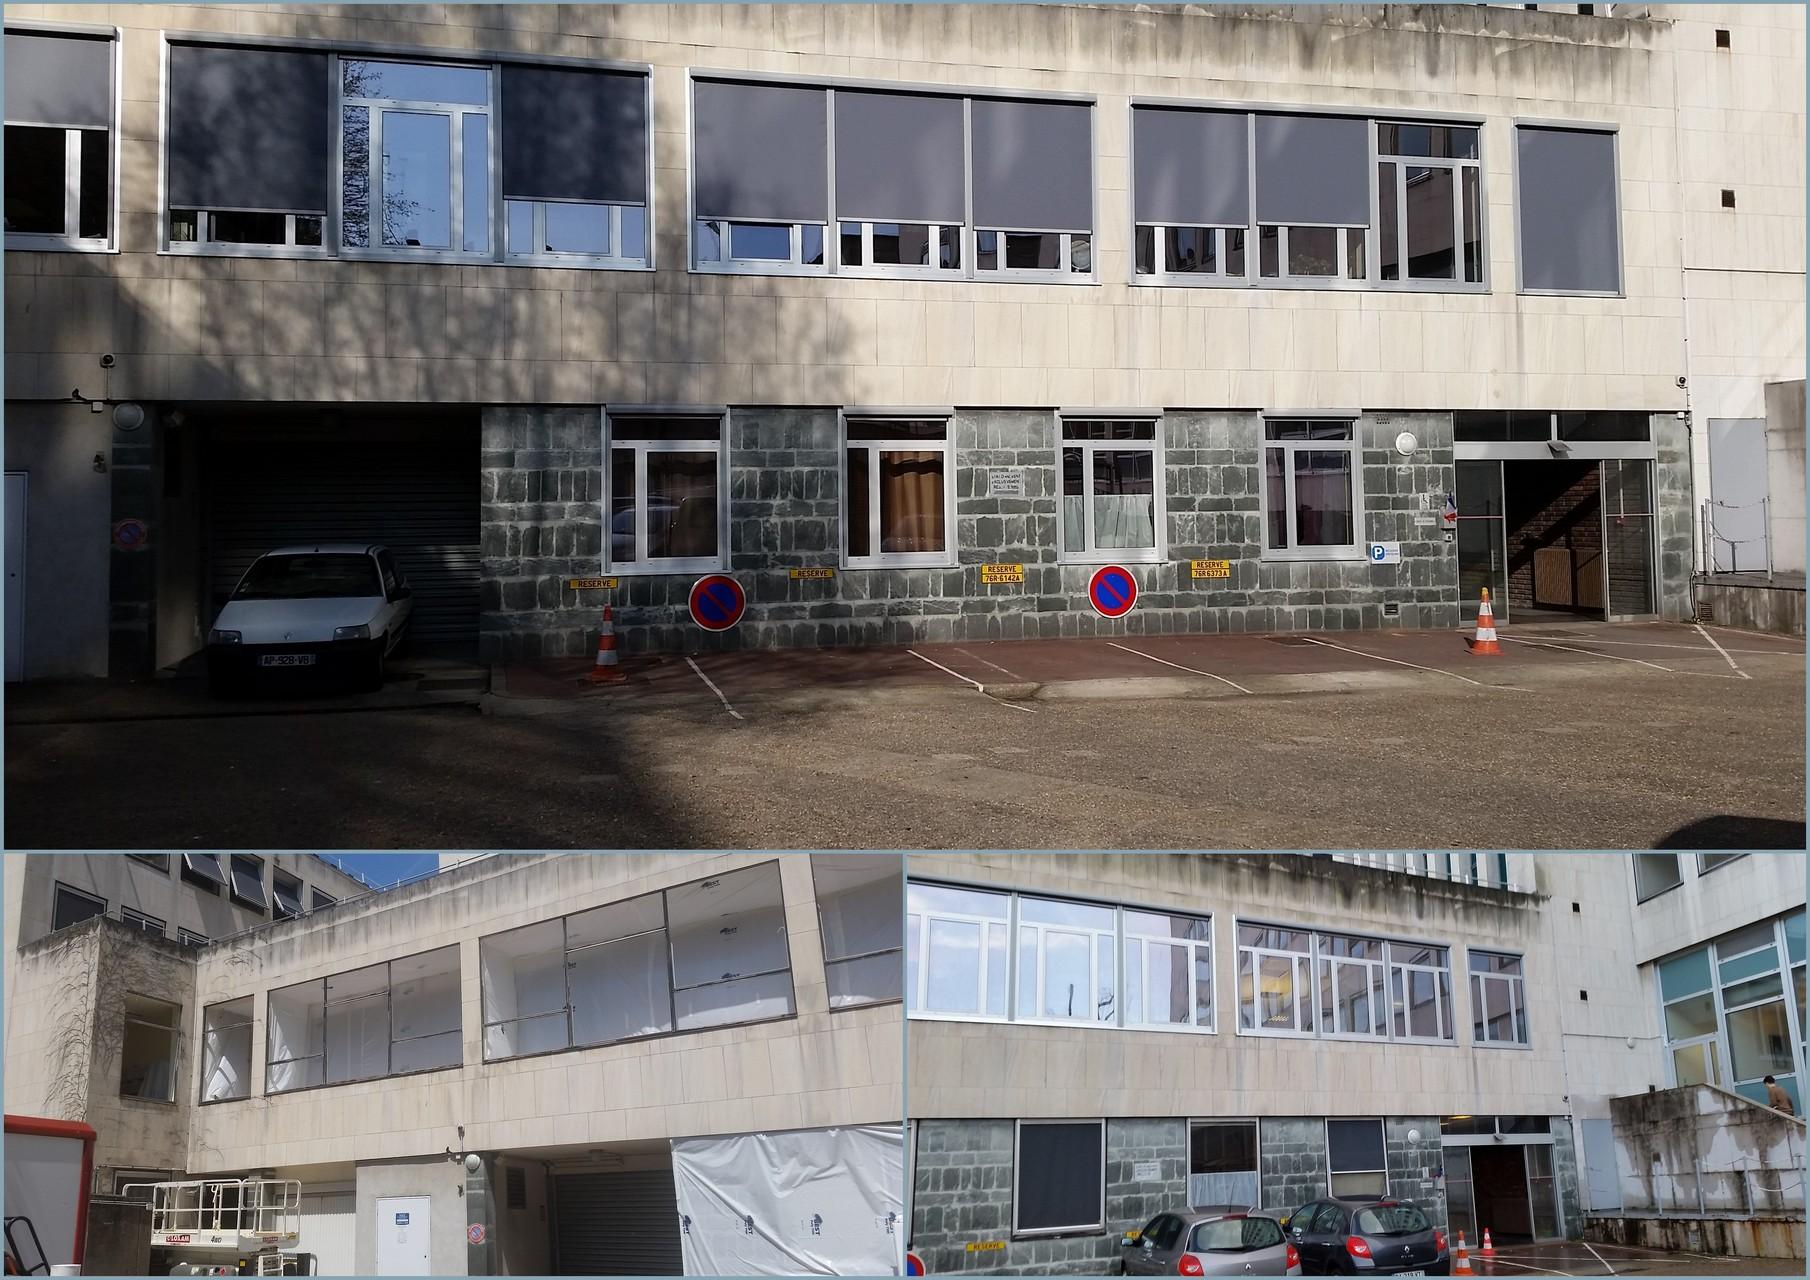 Remplacement de fenêtres dans les bâtiments de la Direction Générale des Finances Publiques - Réalisation 2015